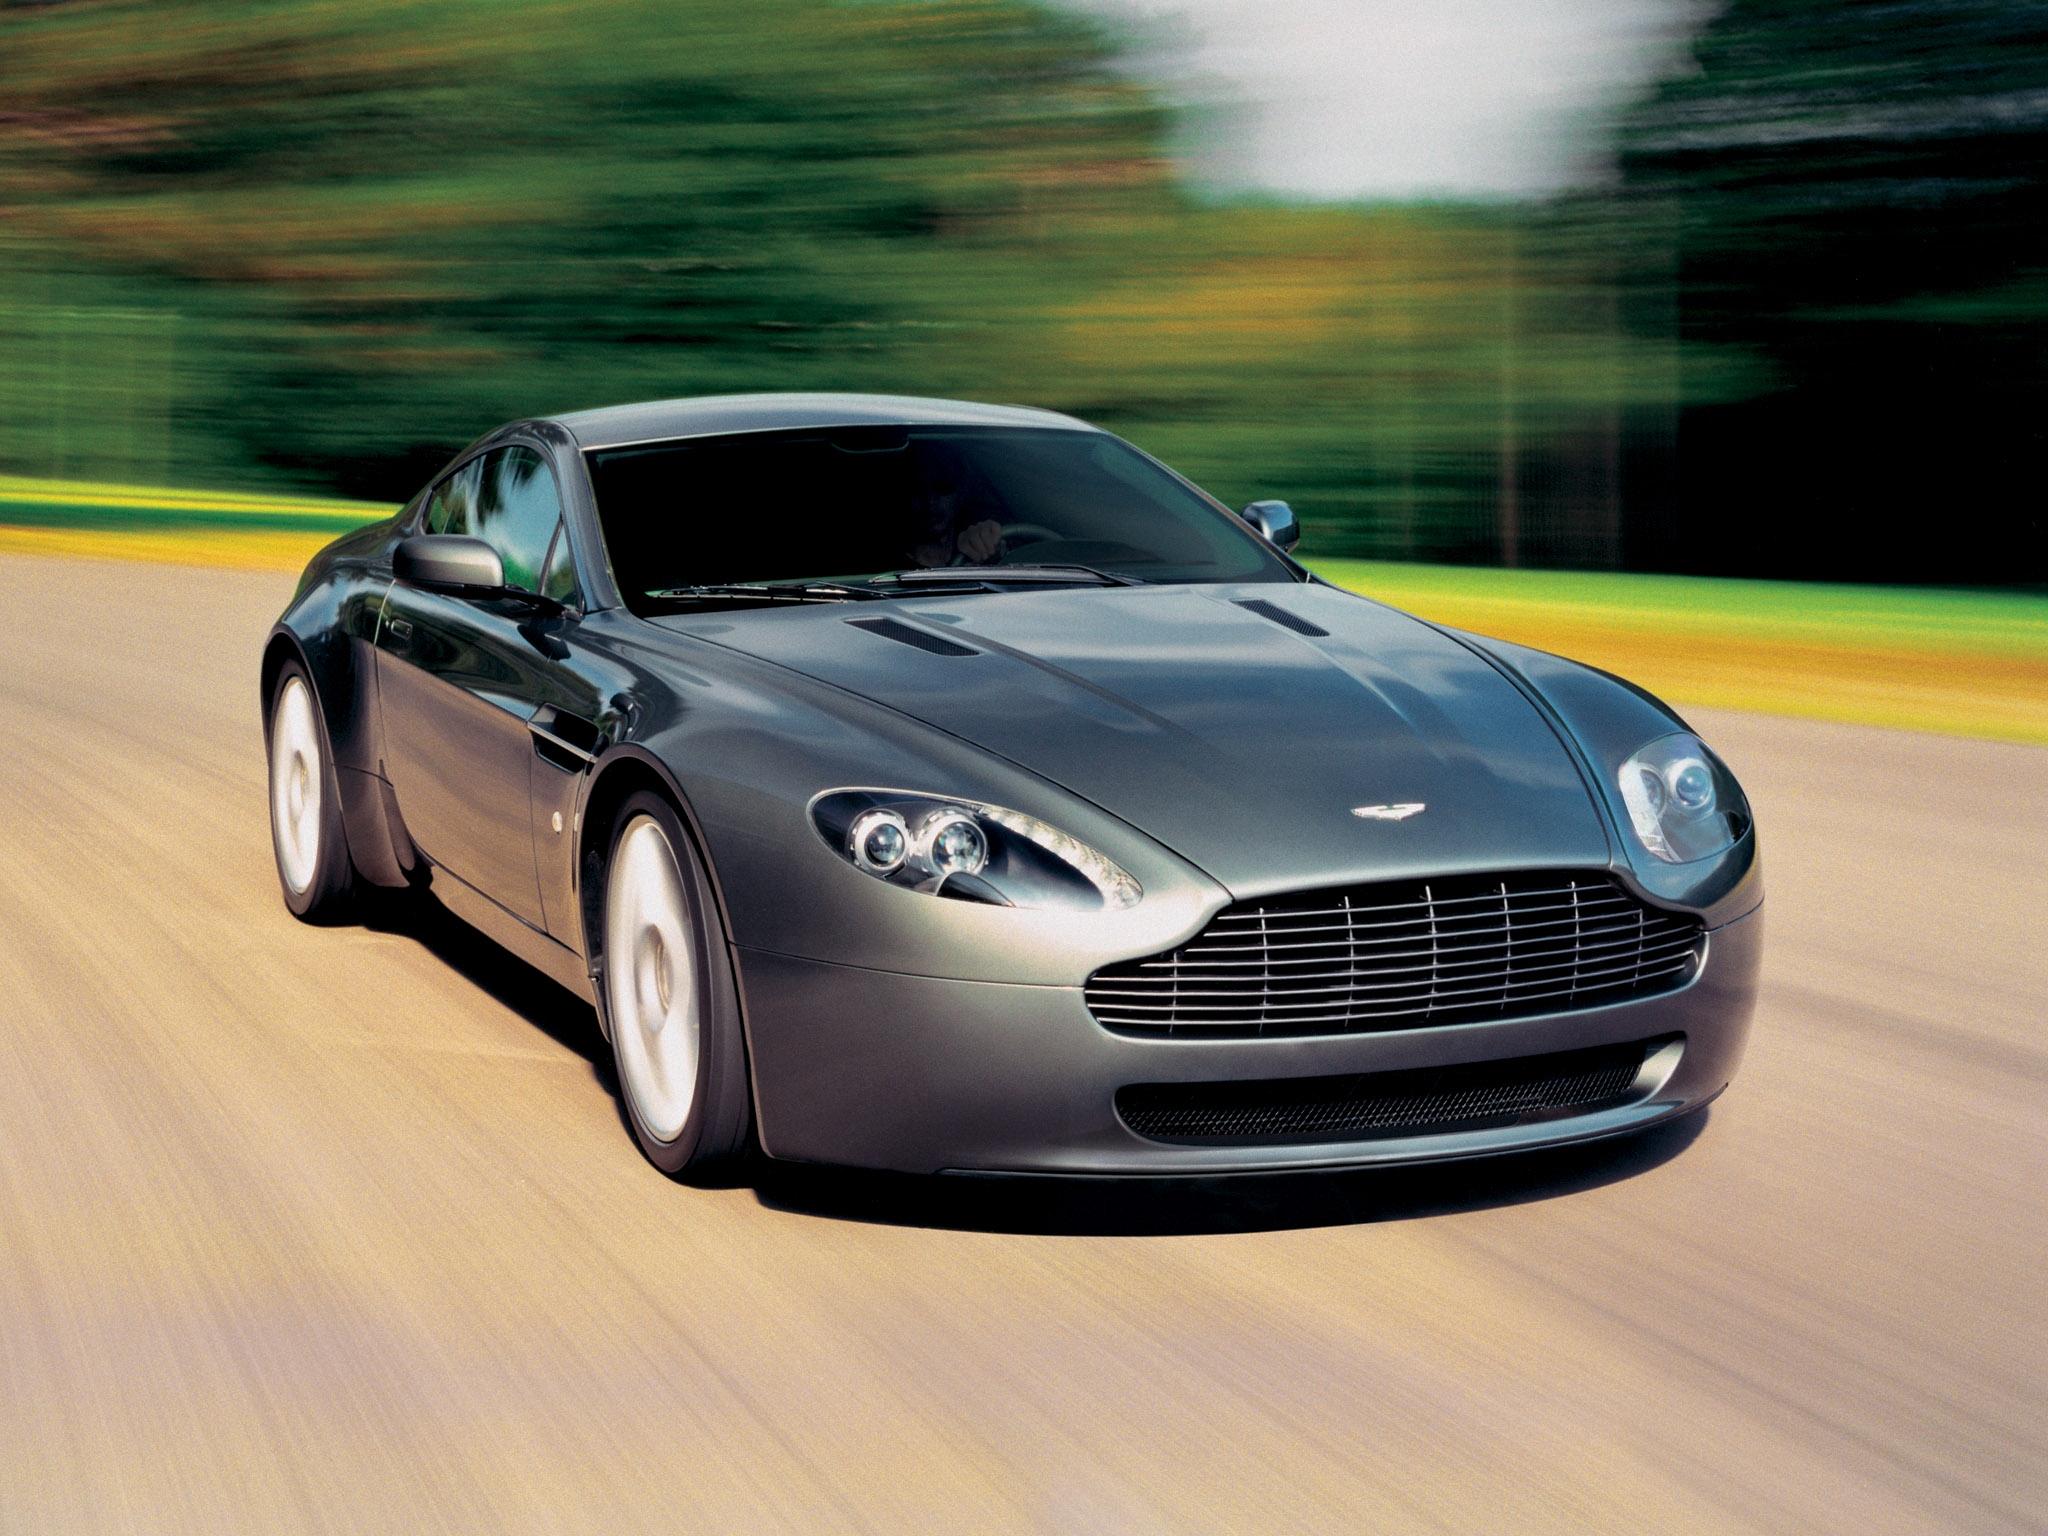 Superior Wallpaper : Sports Car, Aston Martin DBS, Coupe, Performance Car, Aston  Martin DB9, Aston Martin V8 Vantage, Aston Martin Vantage, Cars, Speed,  Supercar, ...